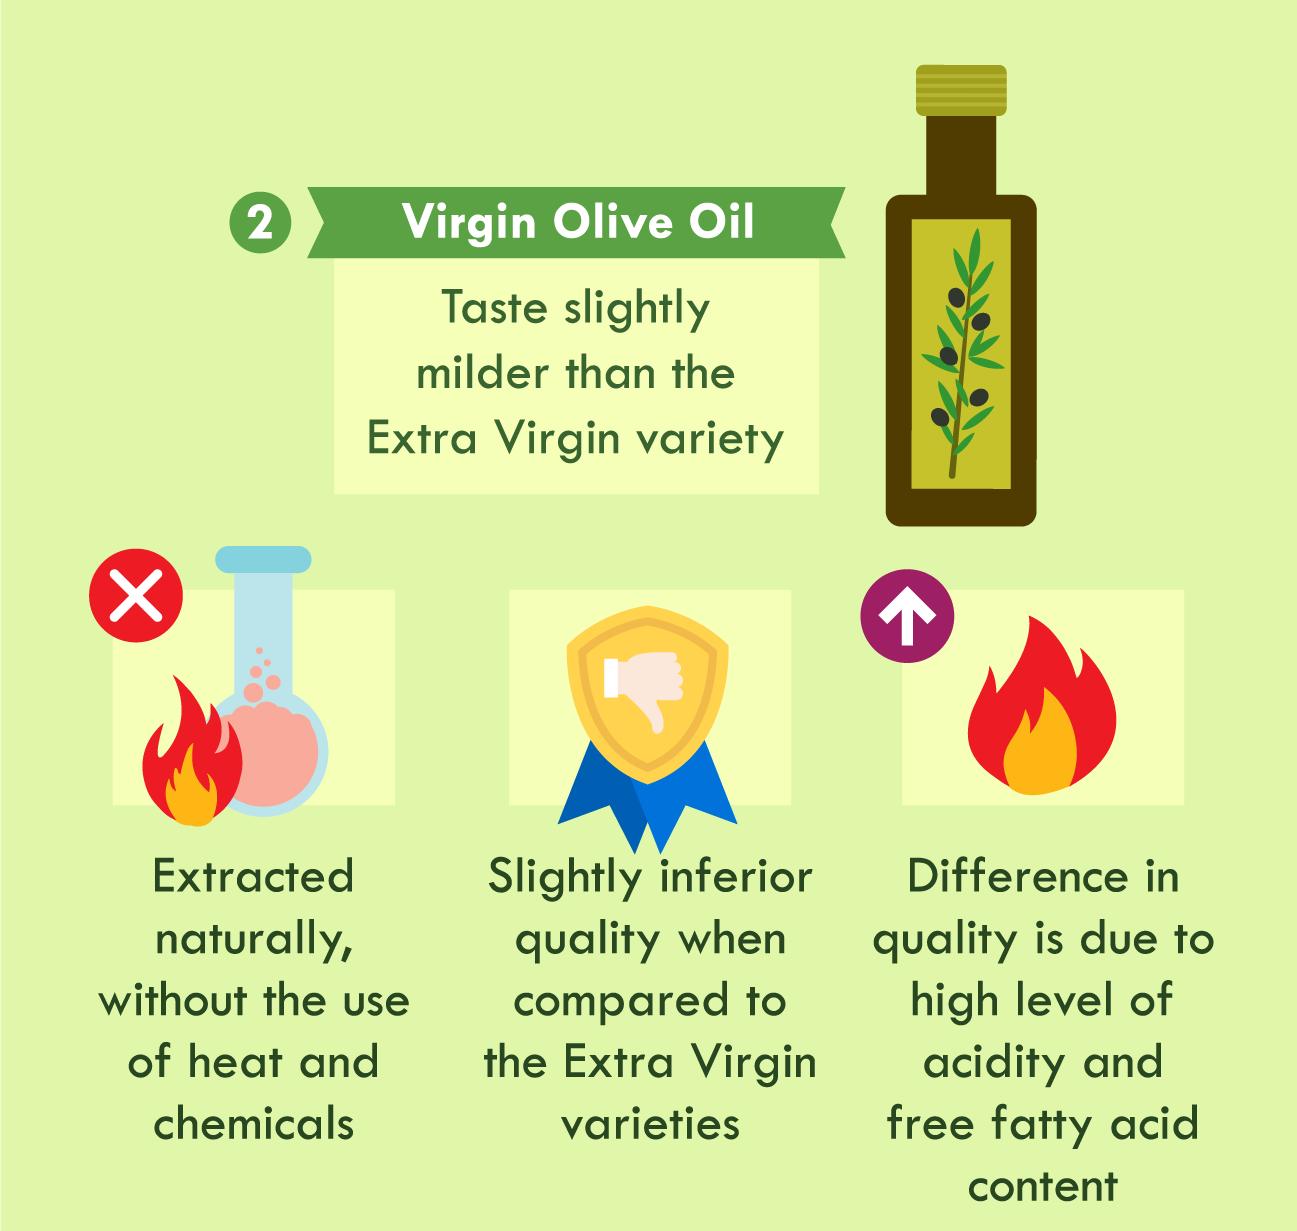 illustration of virgin olive oil